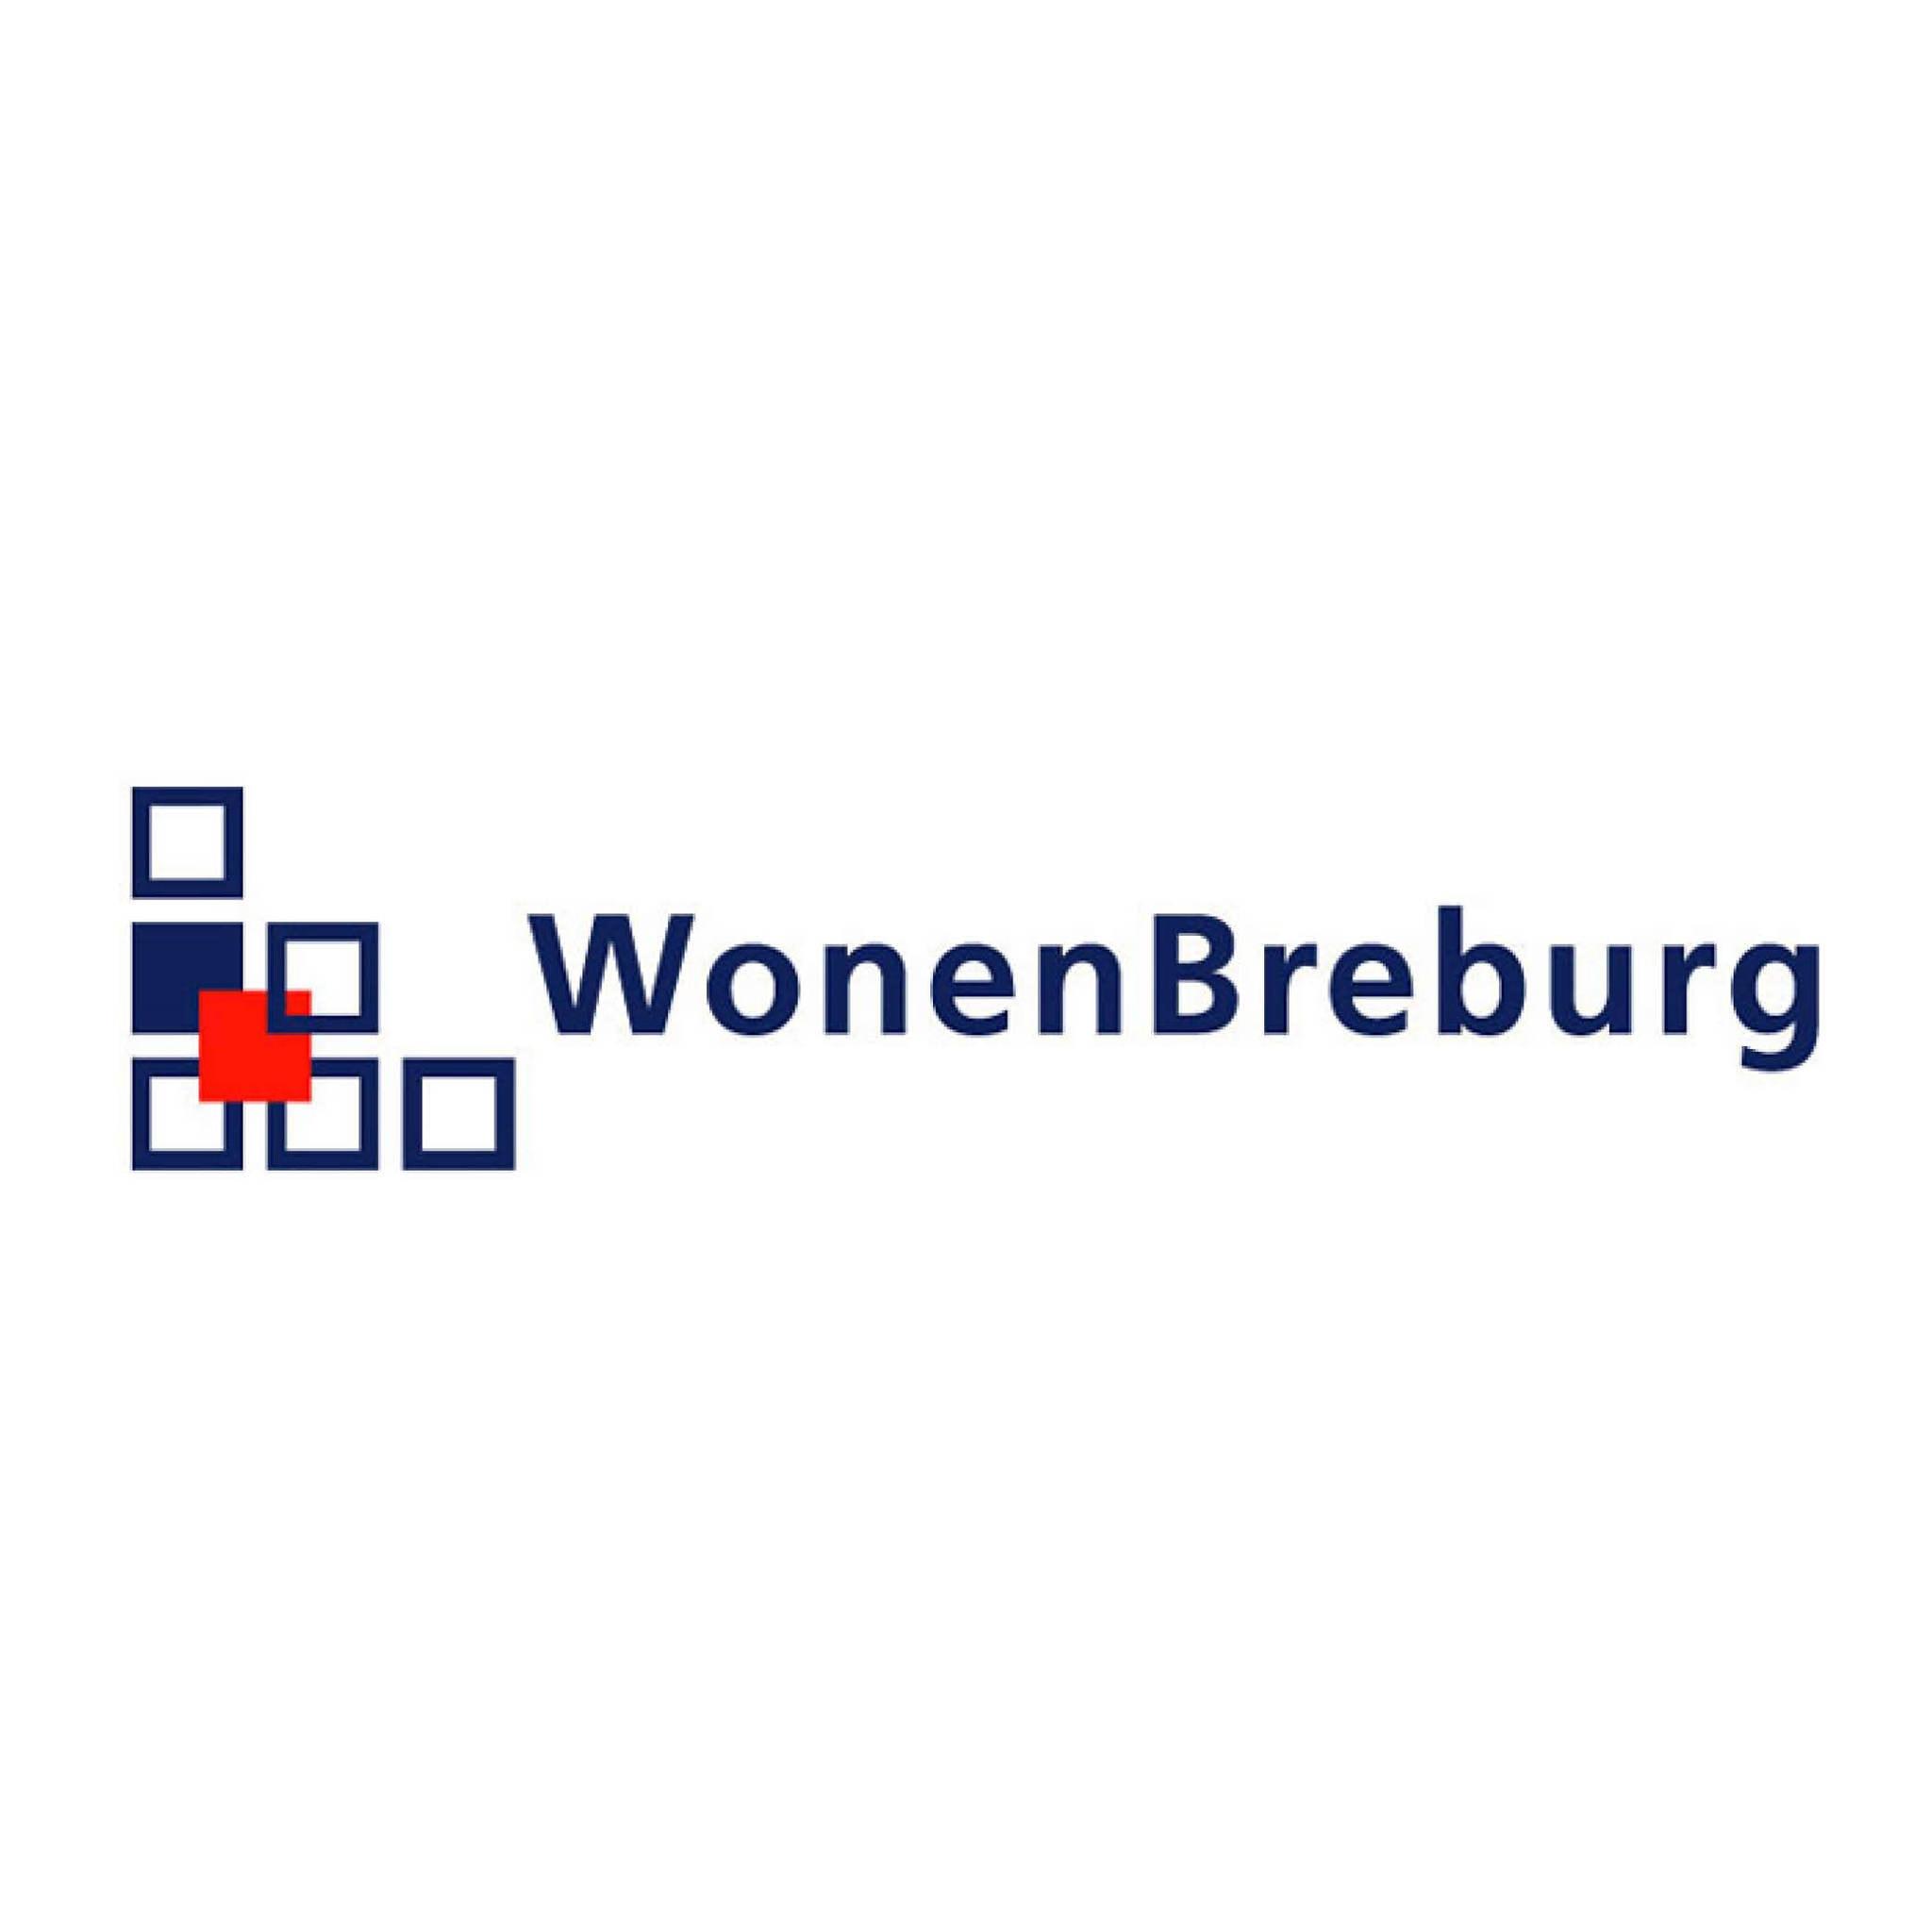 WonenBreburg kiest voor Unexus